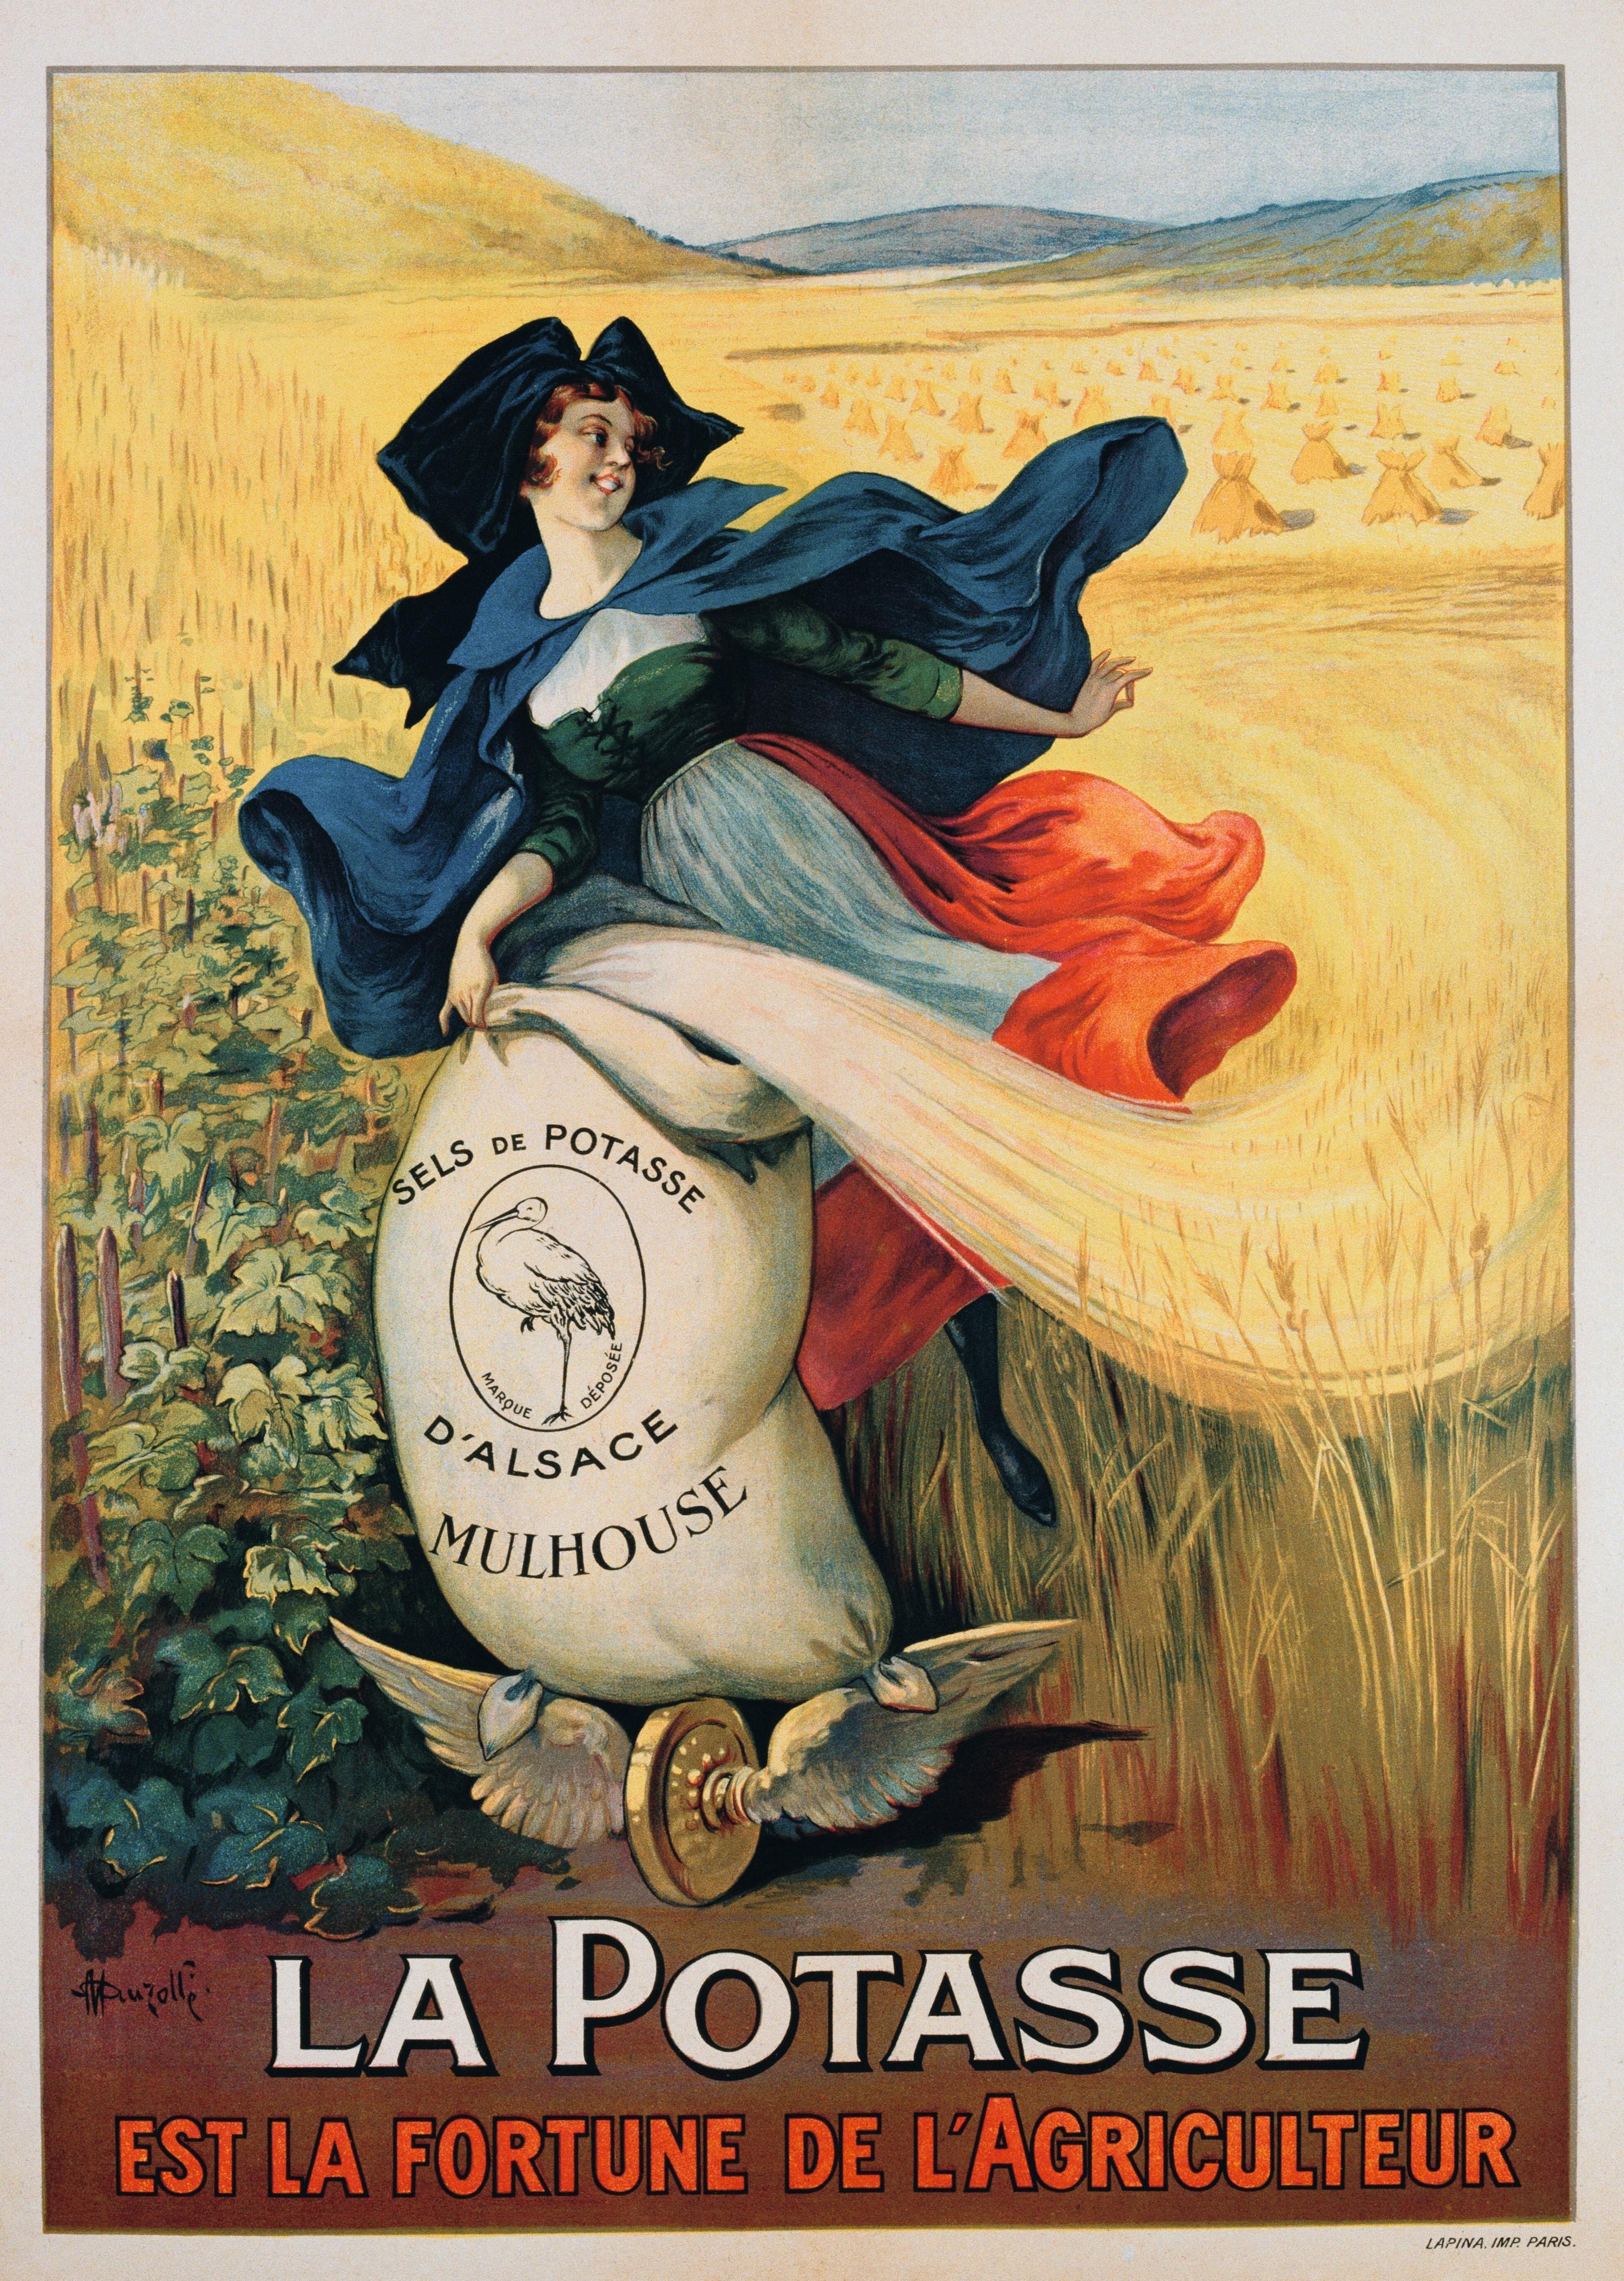 Affiche pour un engrais potassique d'Alsace (1920).